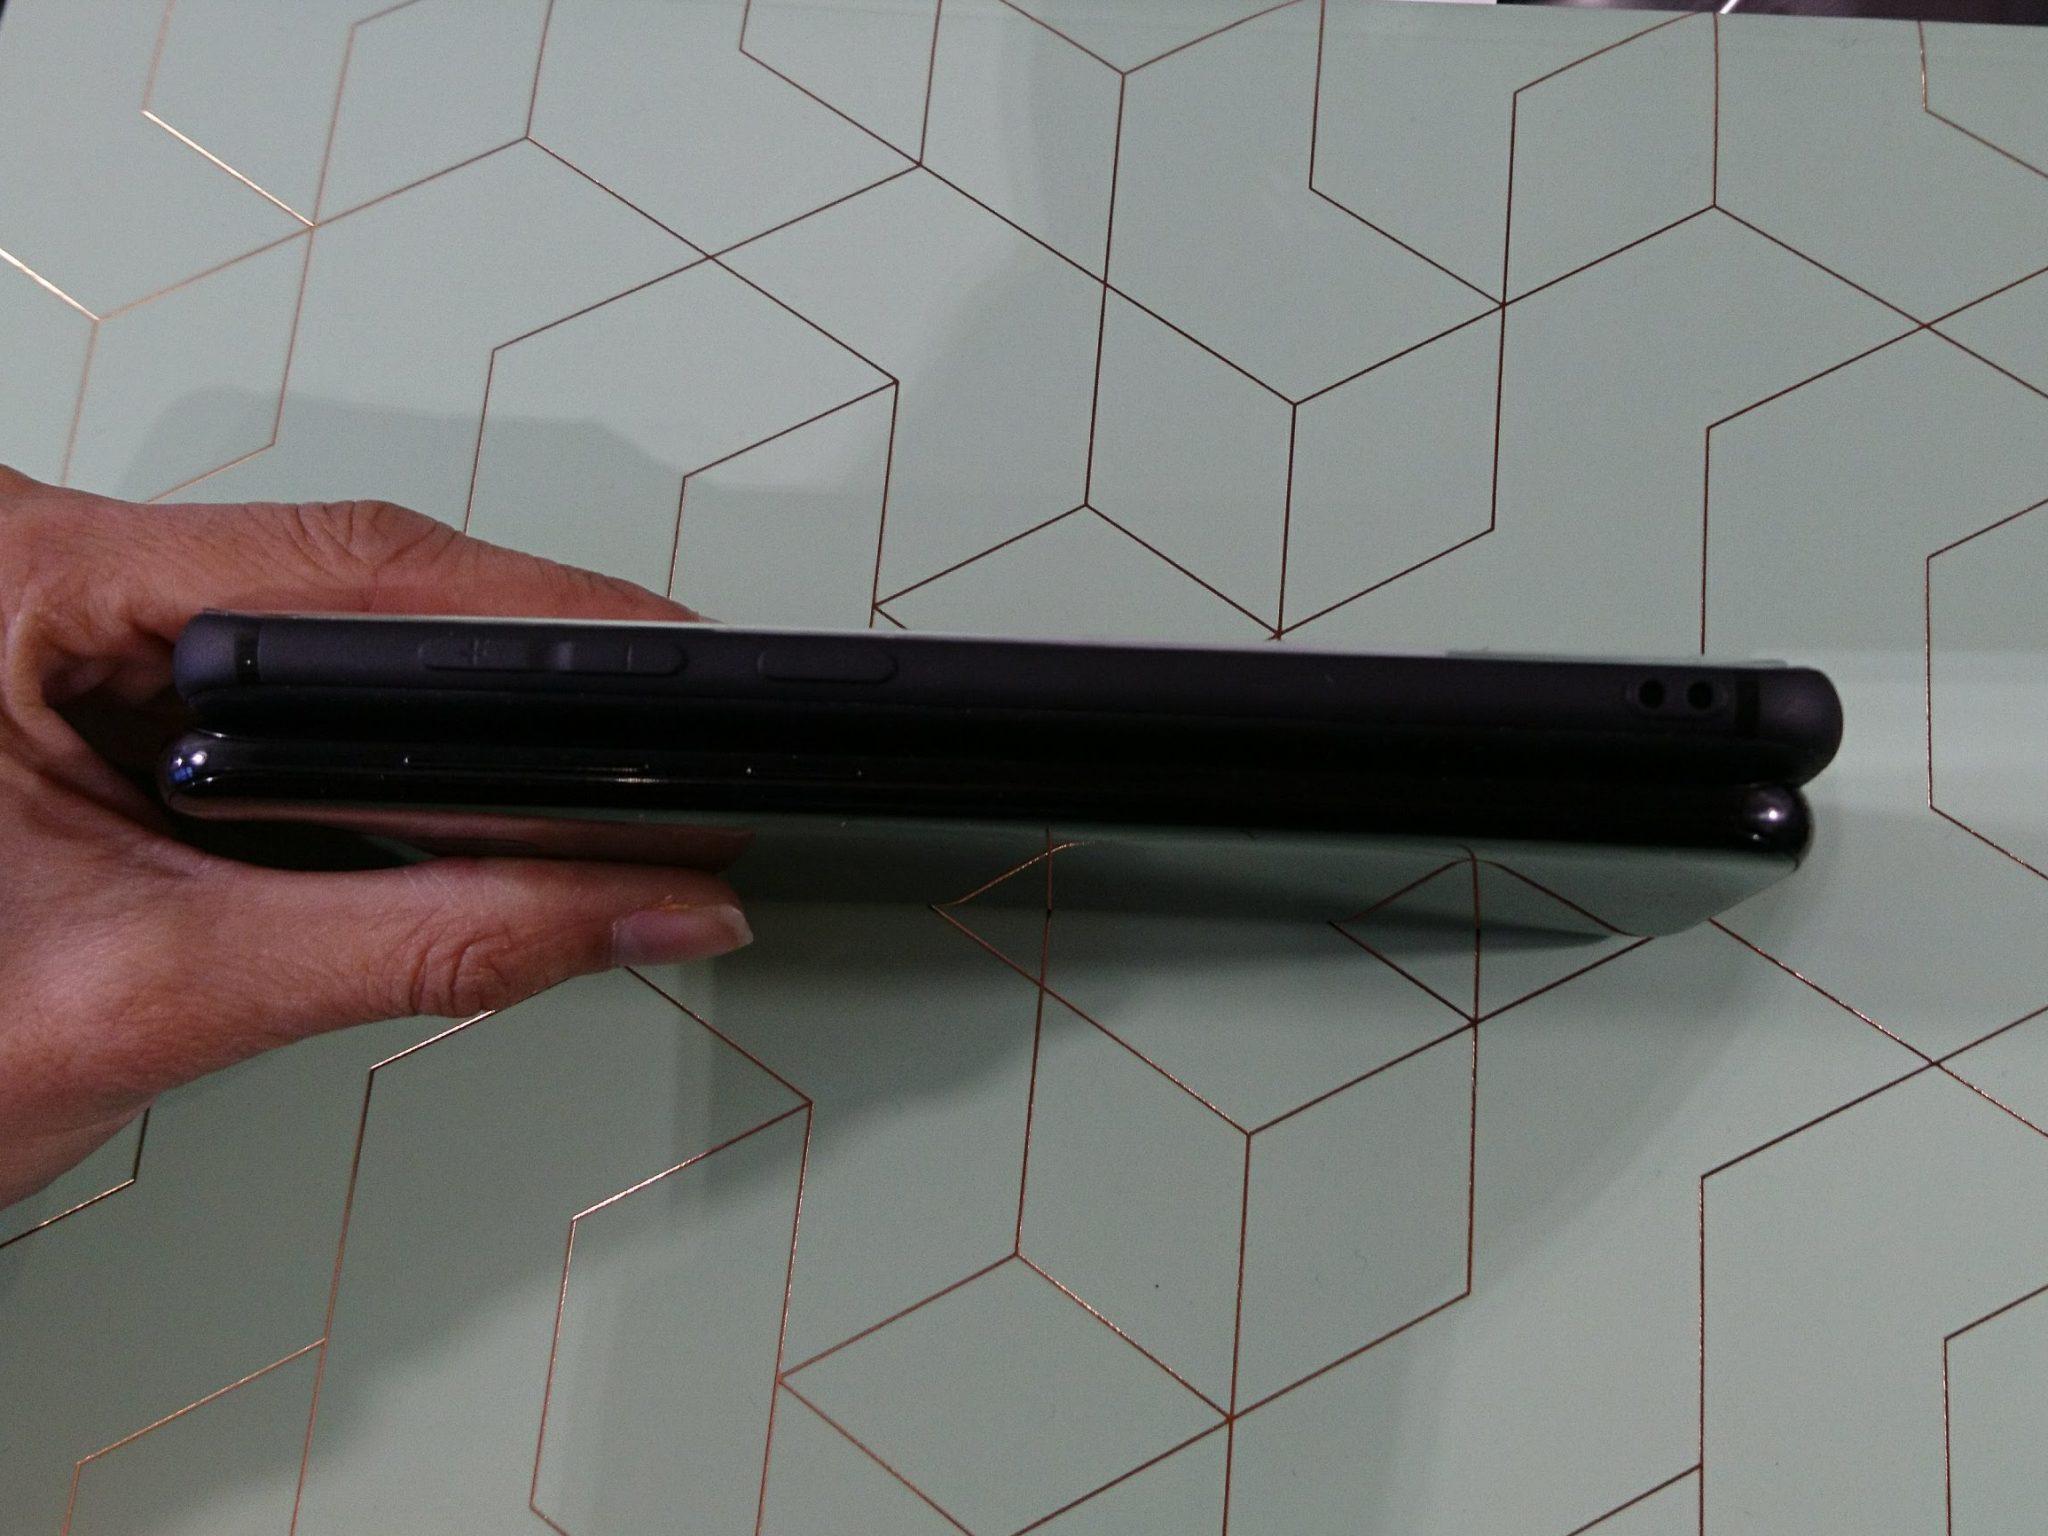 De dikte van de Galaxy S8 met en zonder case.